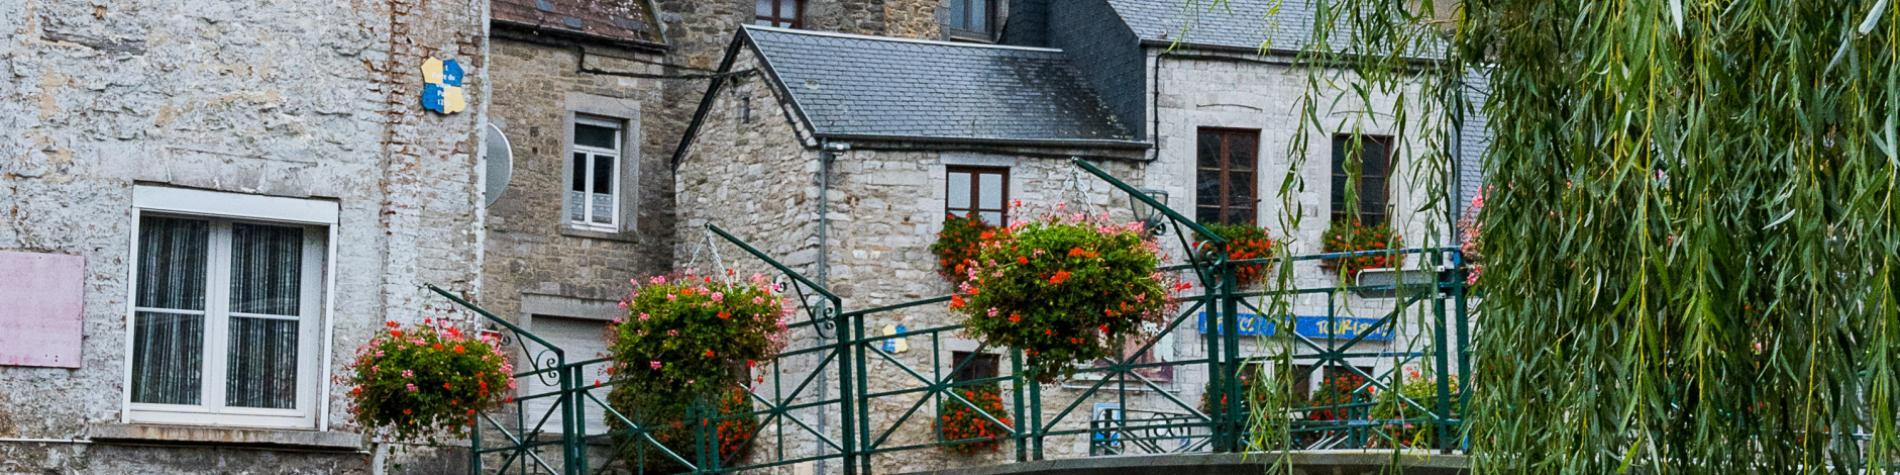 Office du tourisme - Couvin - Province de Namur - Wallonie Nature - Wallonie Terre d'Eau